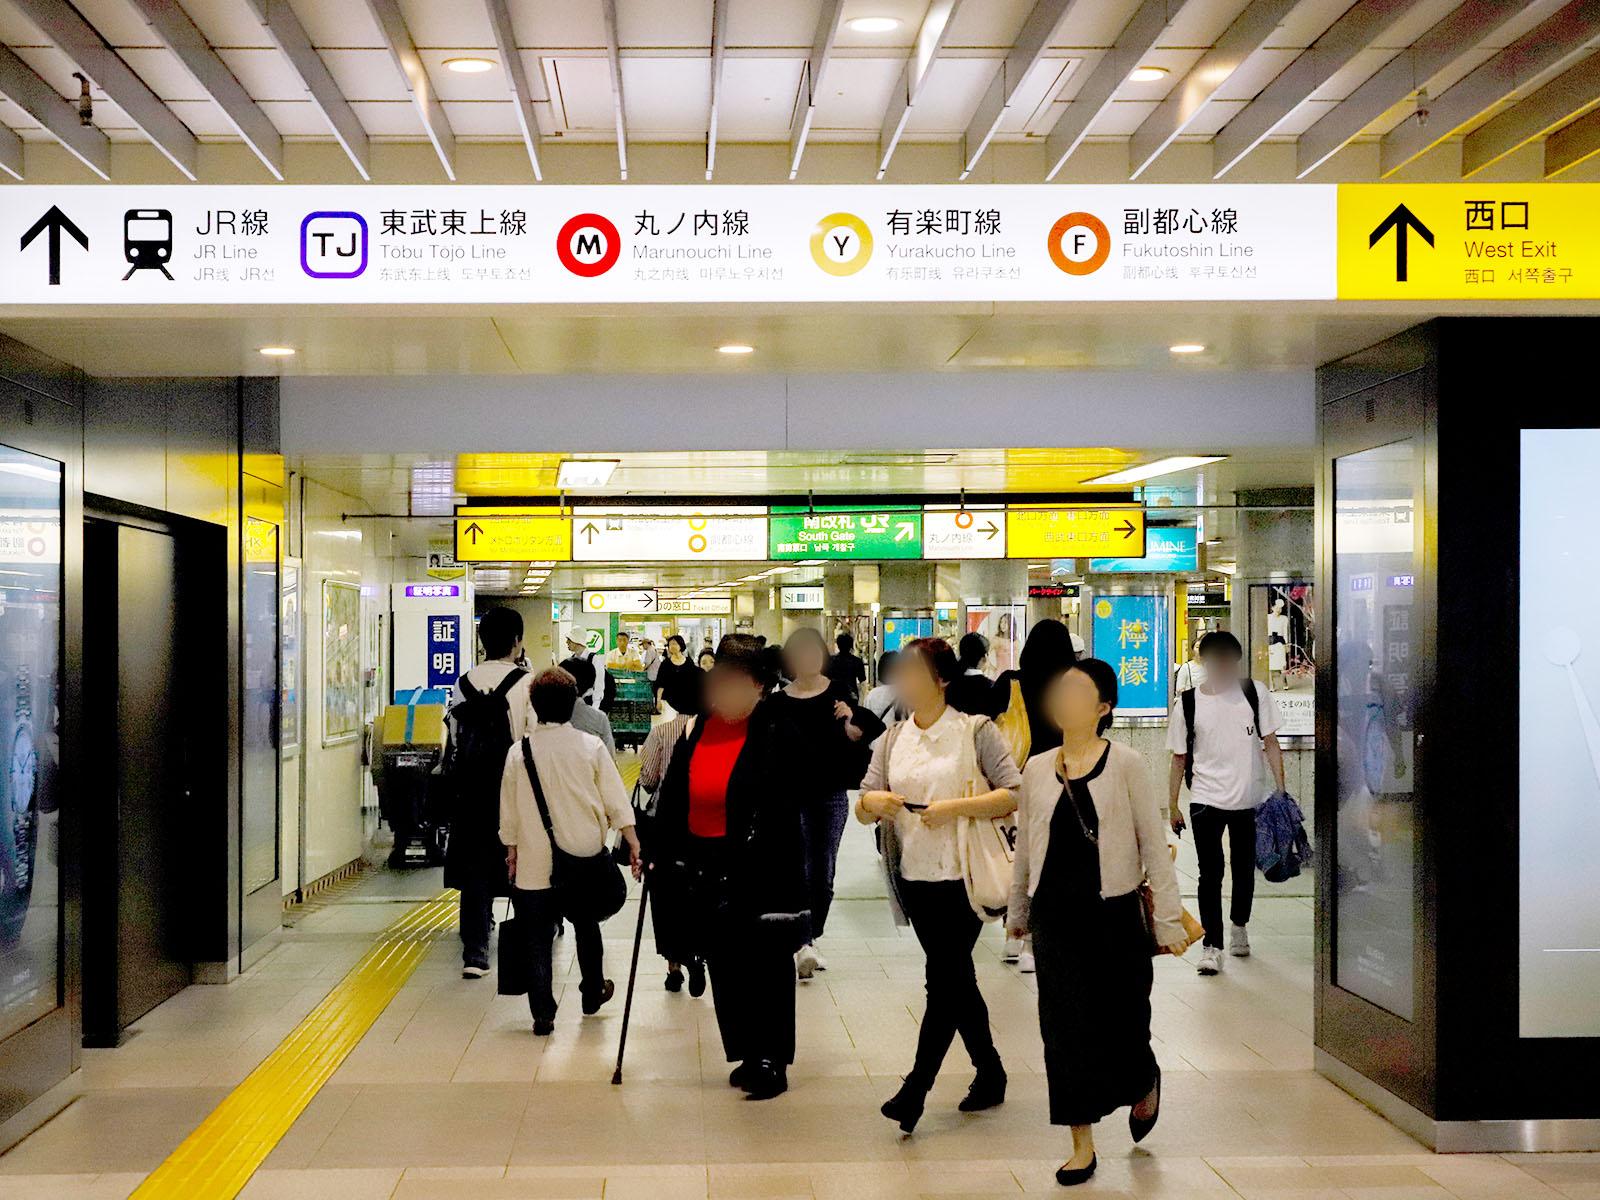 東京中央美容外科池袋西口院C2出口ルート01